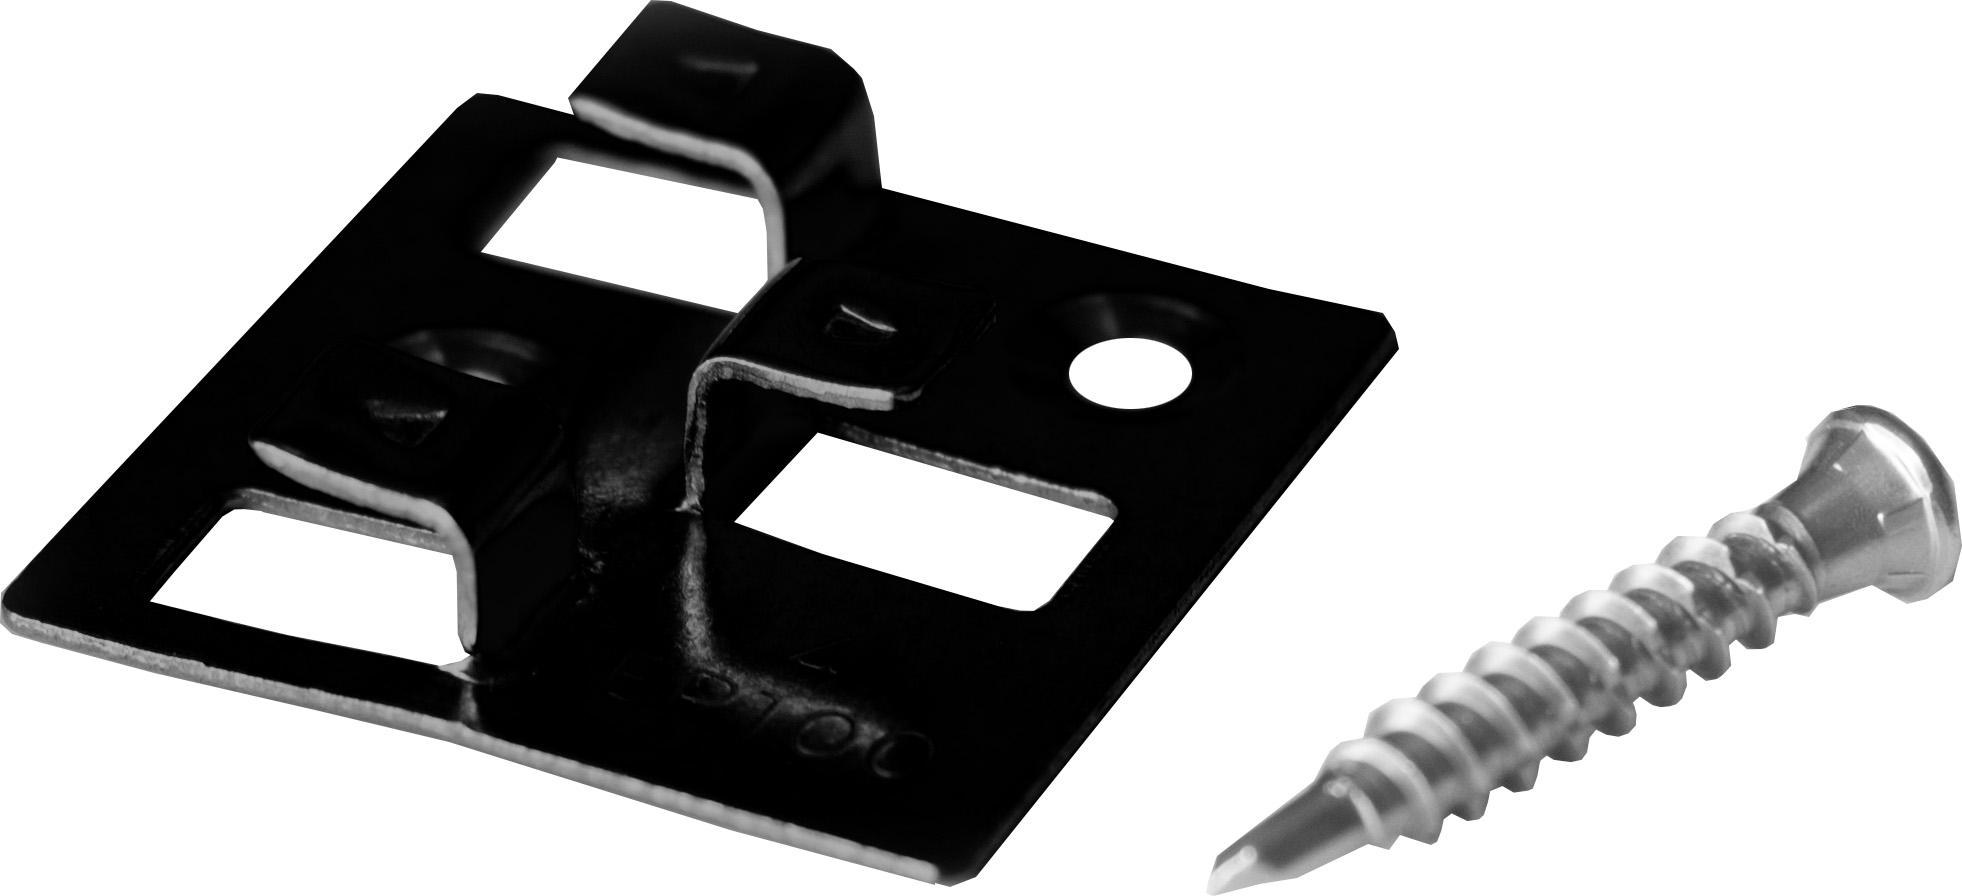 100 Stück MEFO WPC Befestigungsclips schwarz aus Edelstahl, 4 mm Fugenabstand, inklusive Schrauben, ausreichend für ca. 35 lfm bzw. 5 m²